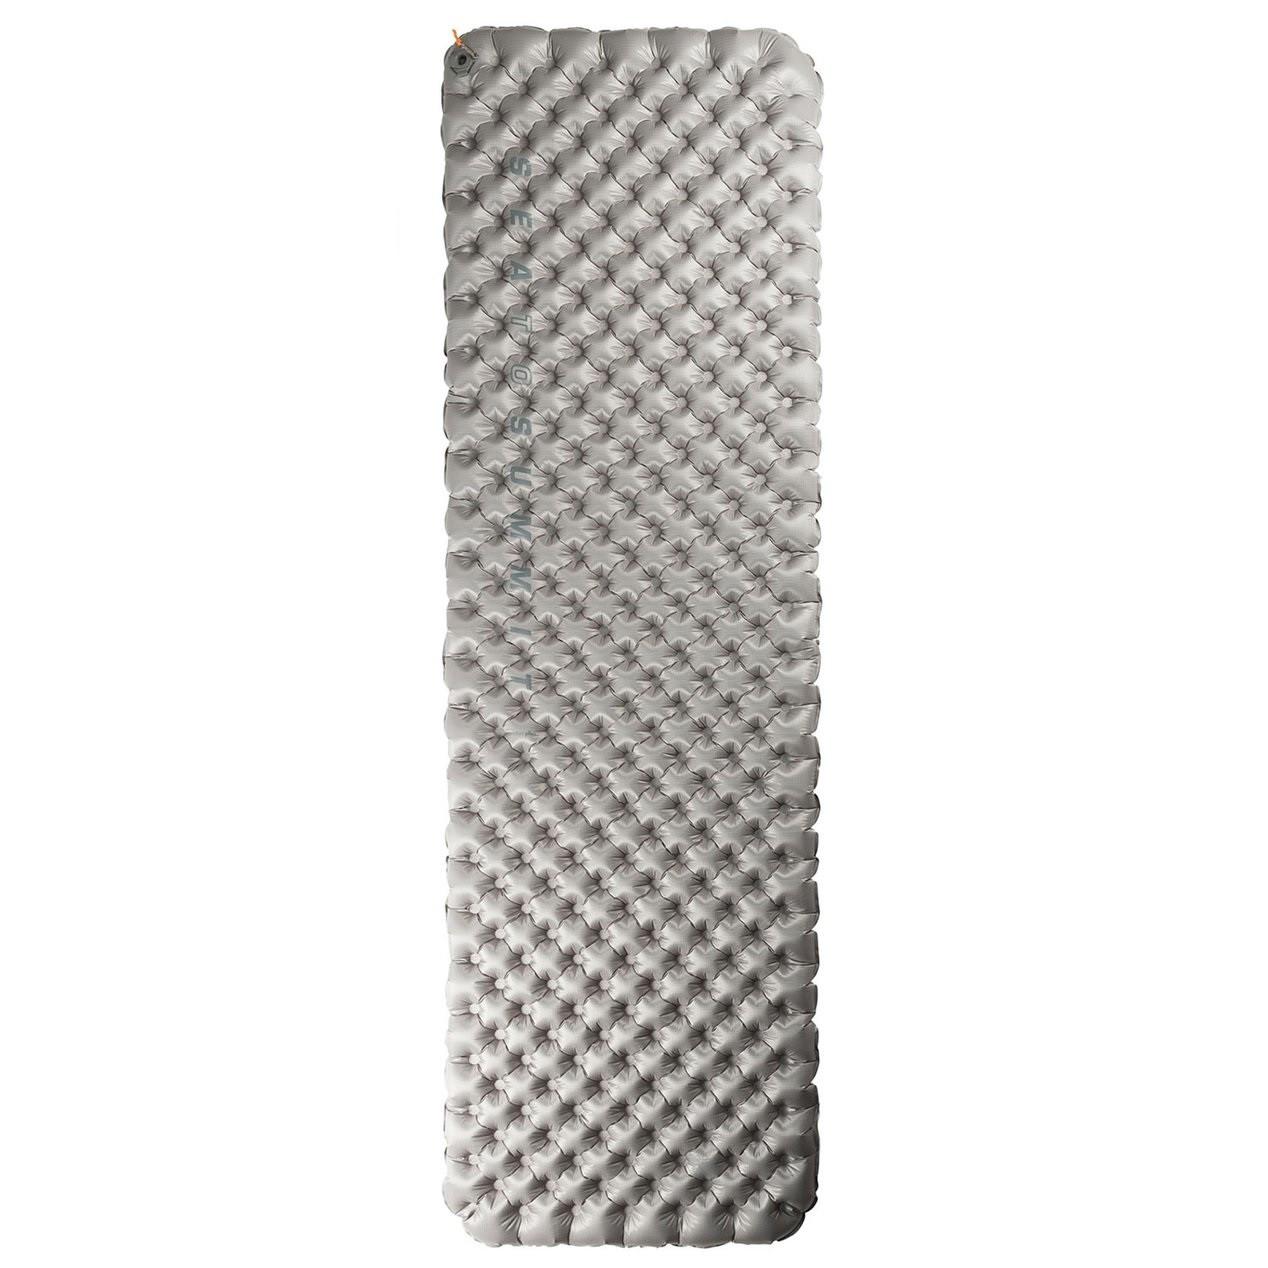 Надувний килимок Sea to Summit Air Sprung Comfort Plus Mat Regular Rectangular